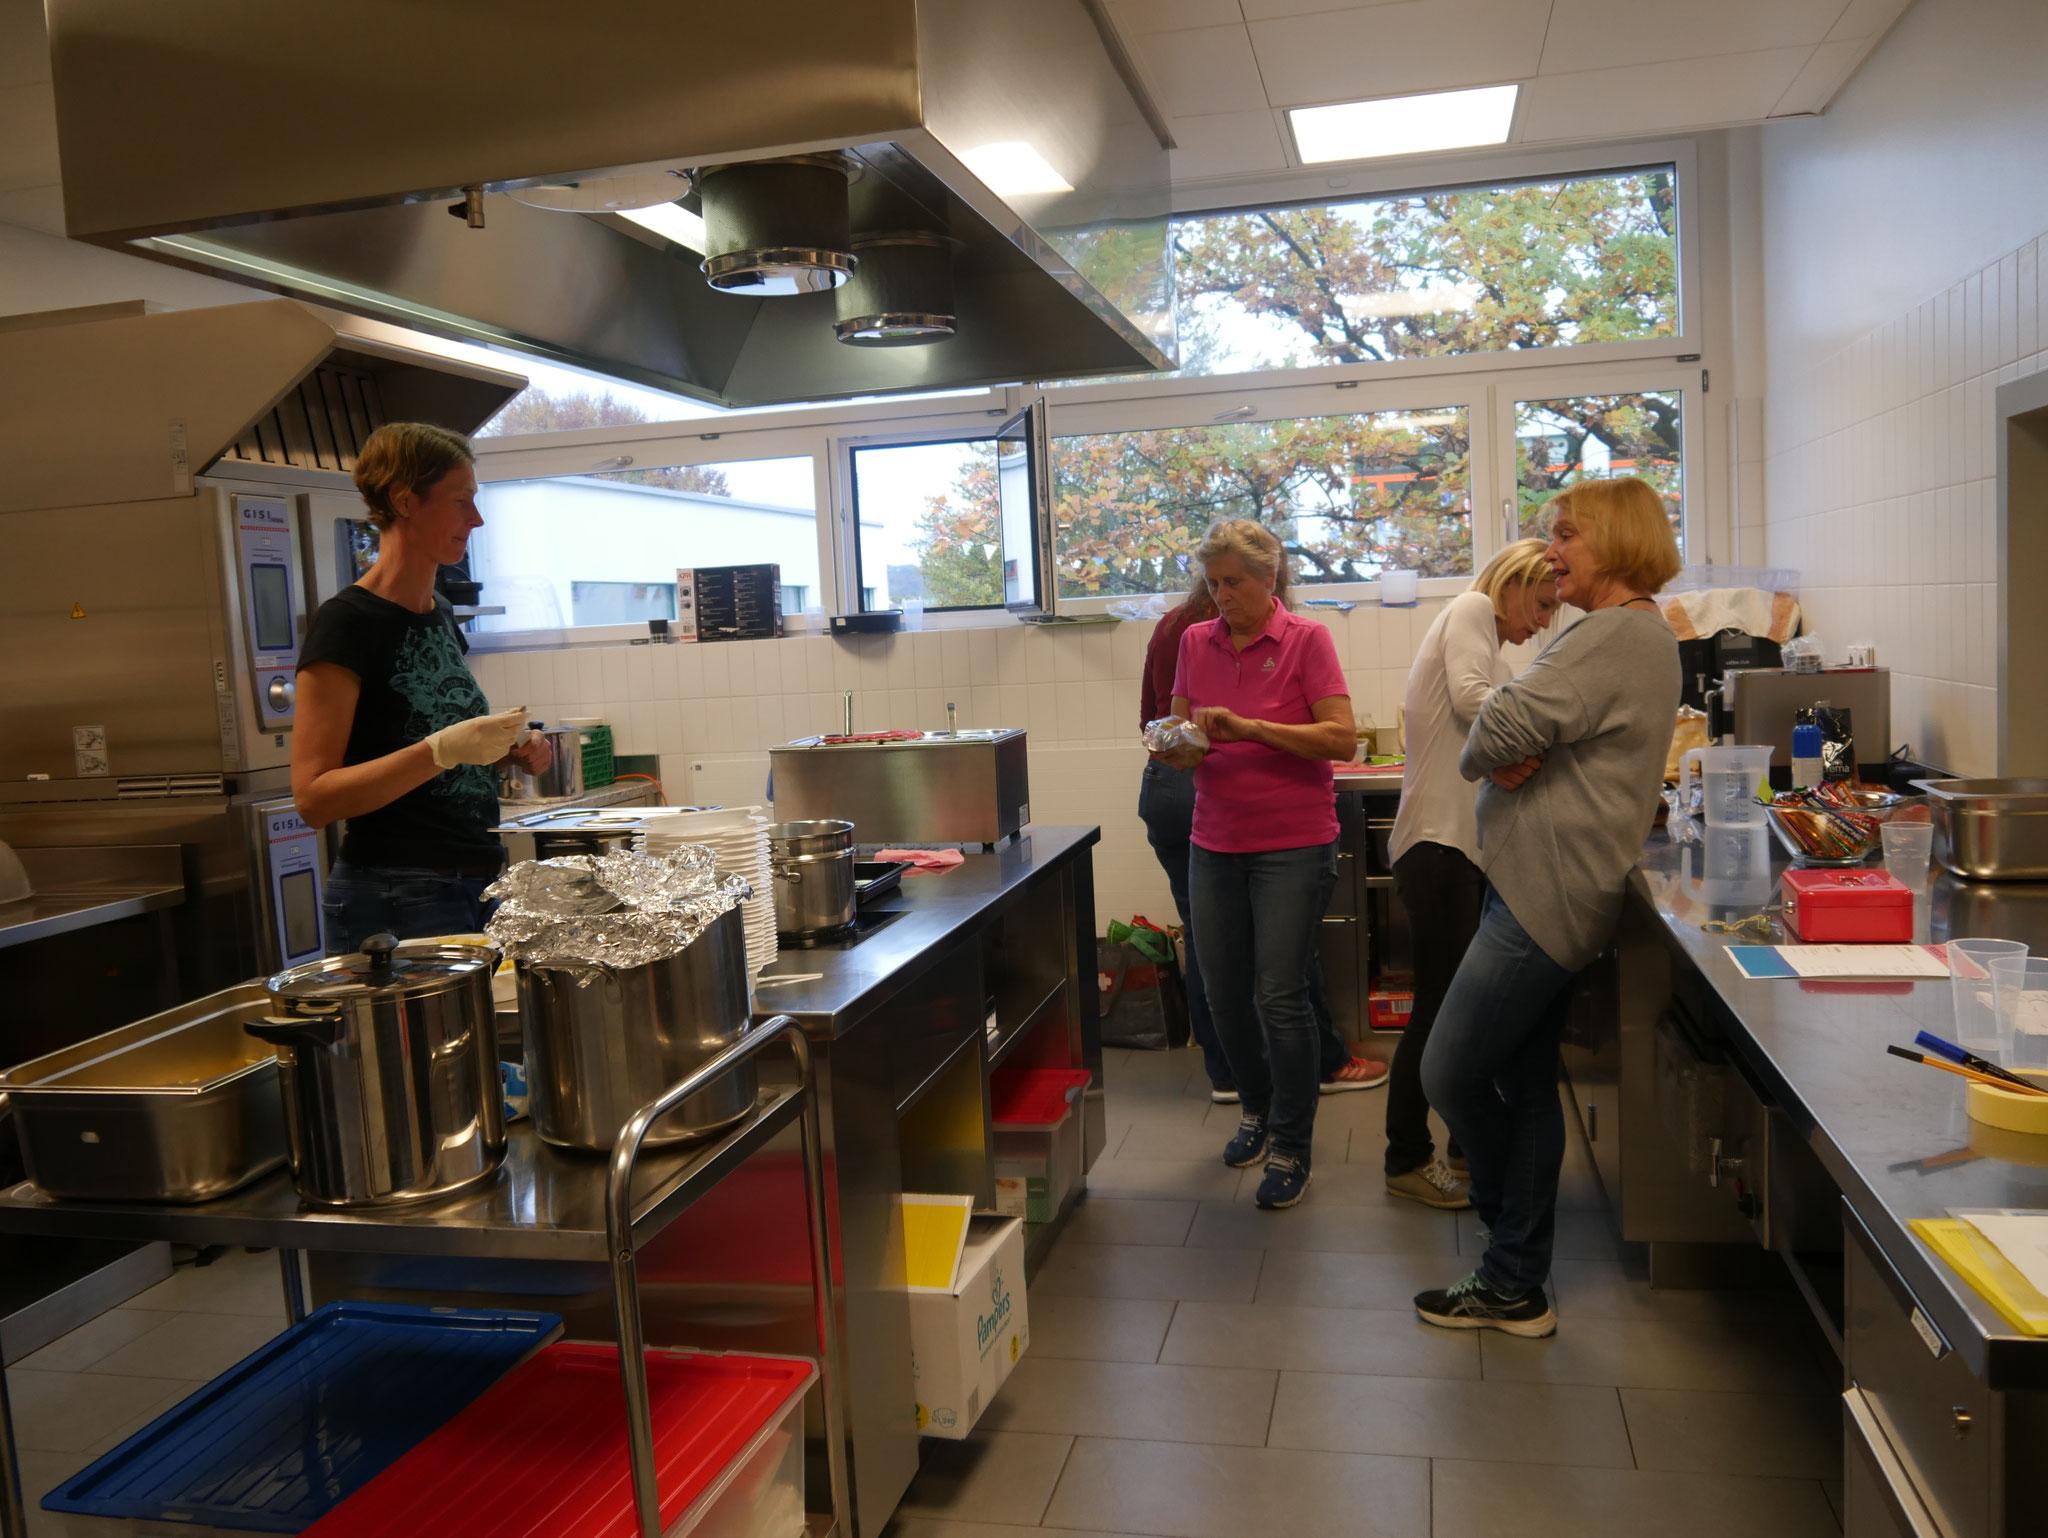 Unsere tatkräftigen Helferinnen in der Küche.